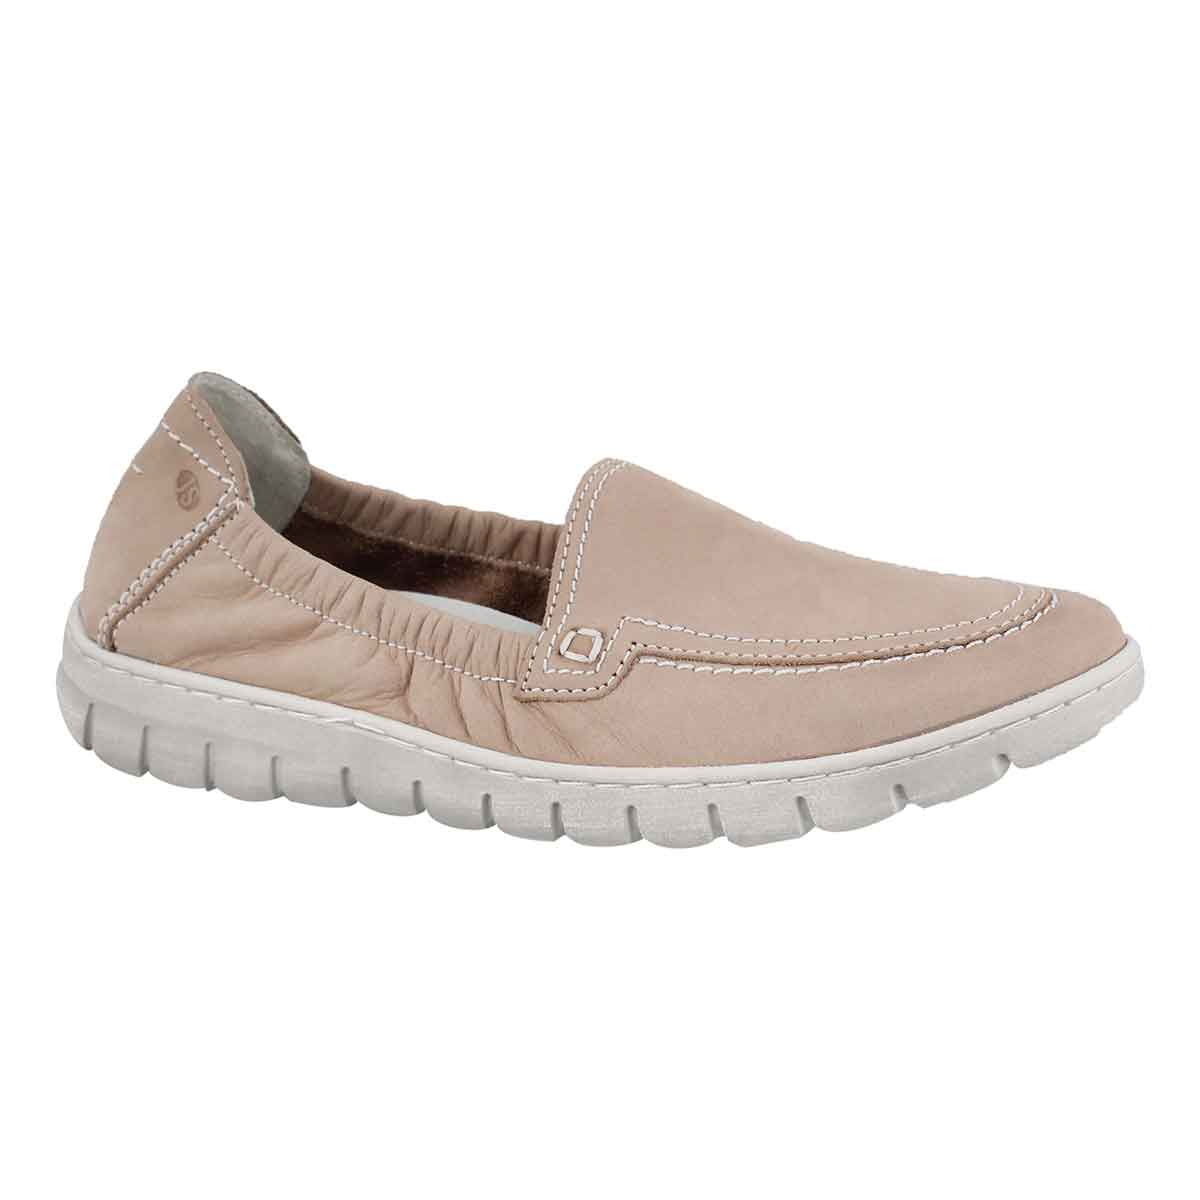 Women's STEFFI 57 nude slip on shoes